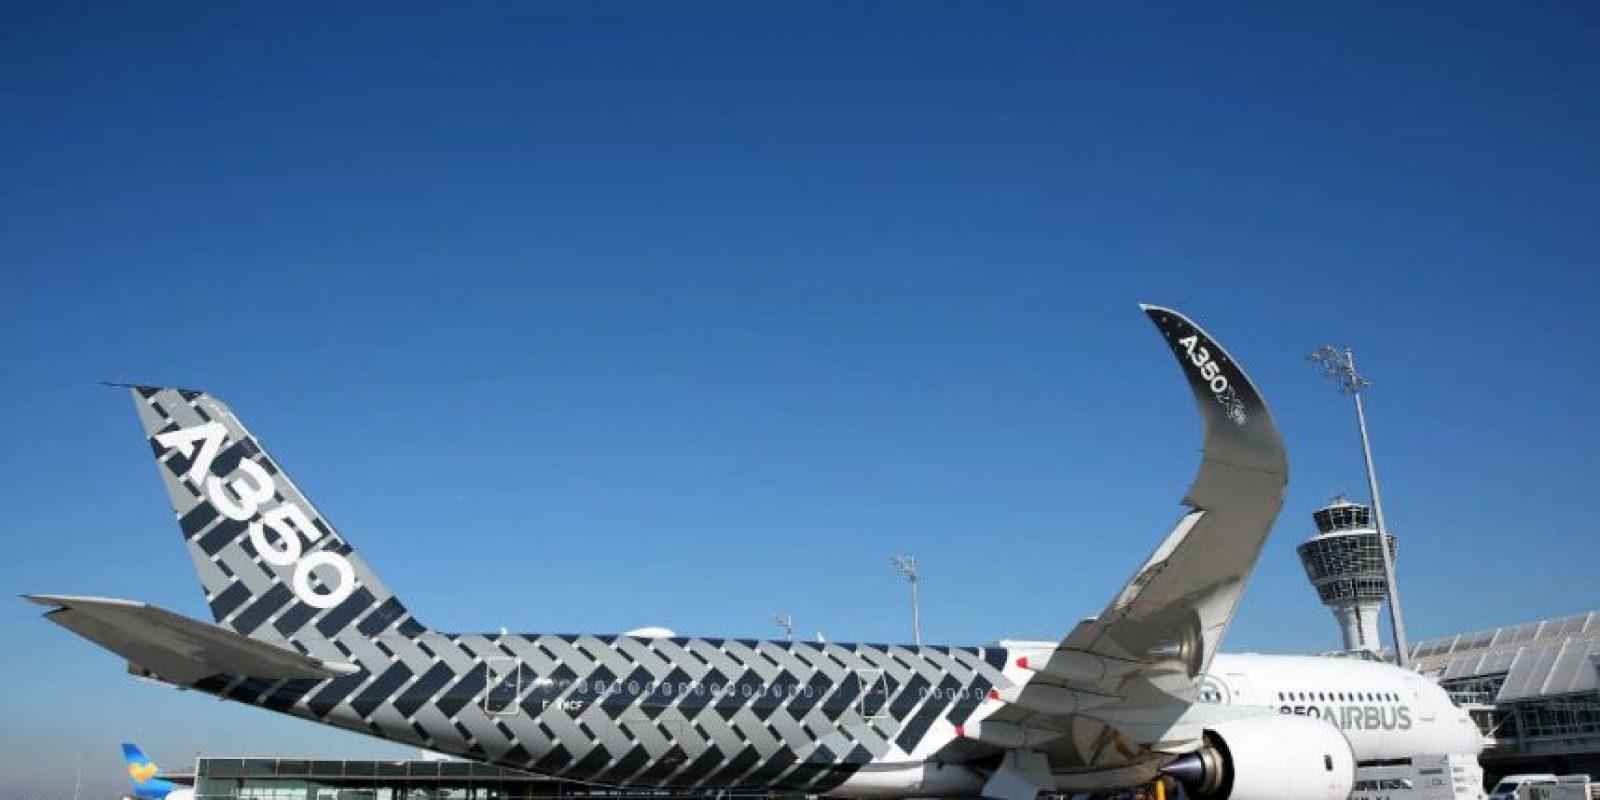 Este modelo ha causado sensación en las aerolíneas internacionales por su tamaño y clase. Las aerolíneas más importantes del mundo ya han ordenado el suyo. Foto:Getty Images